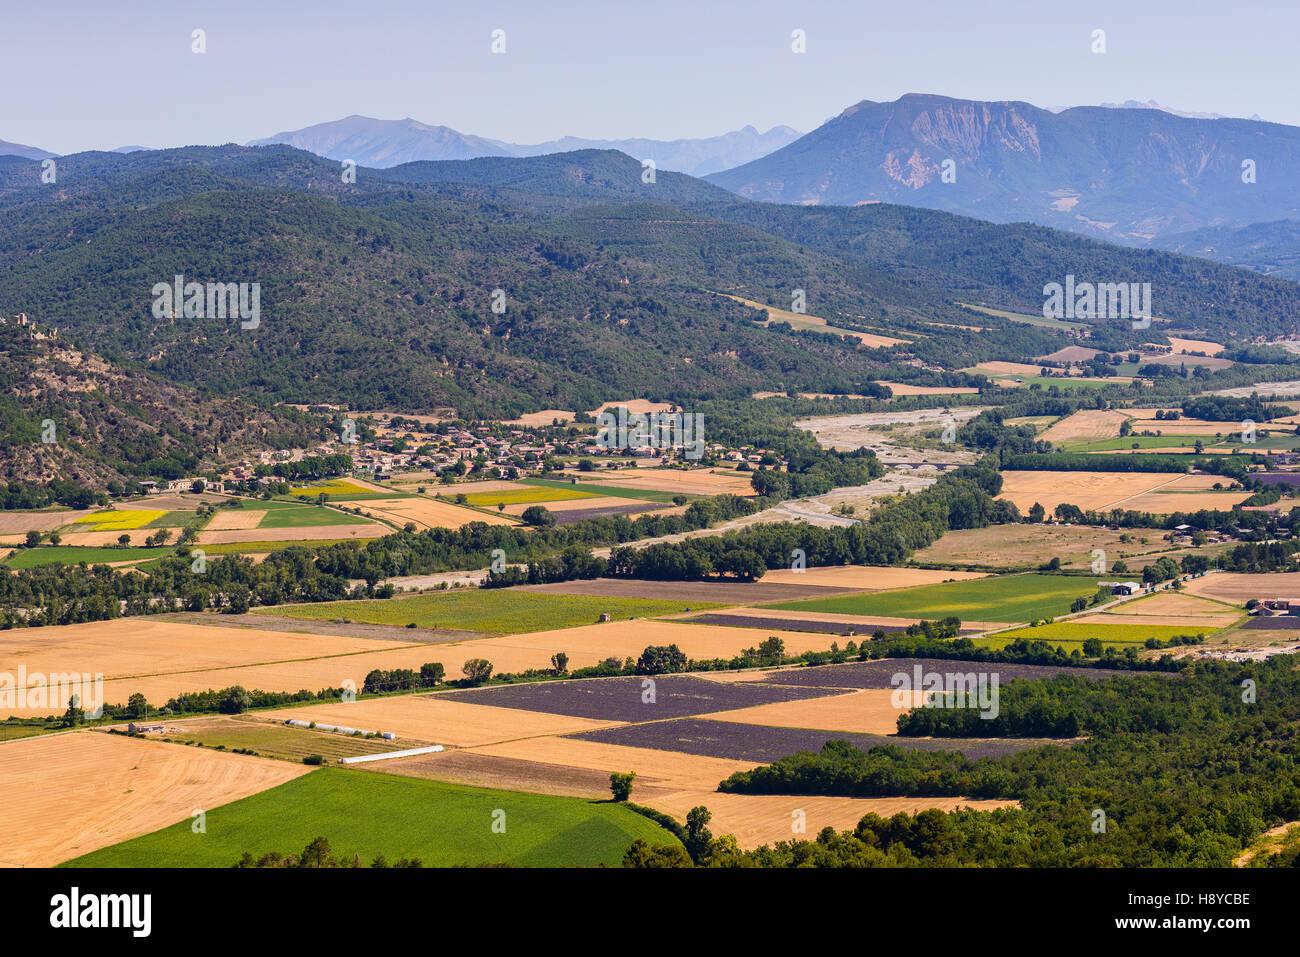 Paysage et Montagne Region de Venlensole Haute Provence France 04 - Stock Image